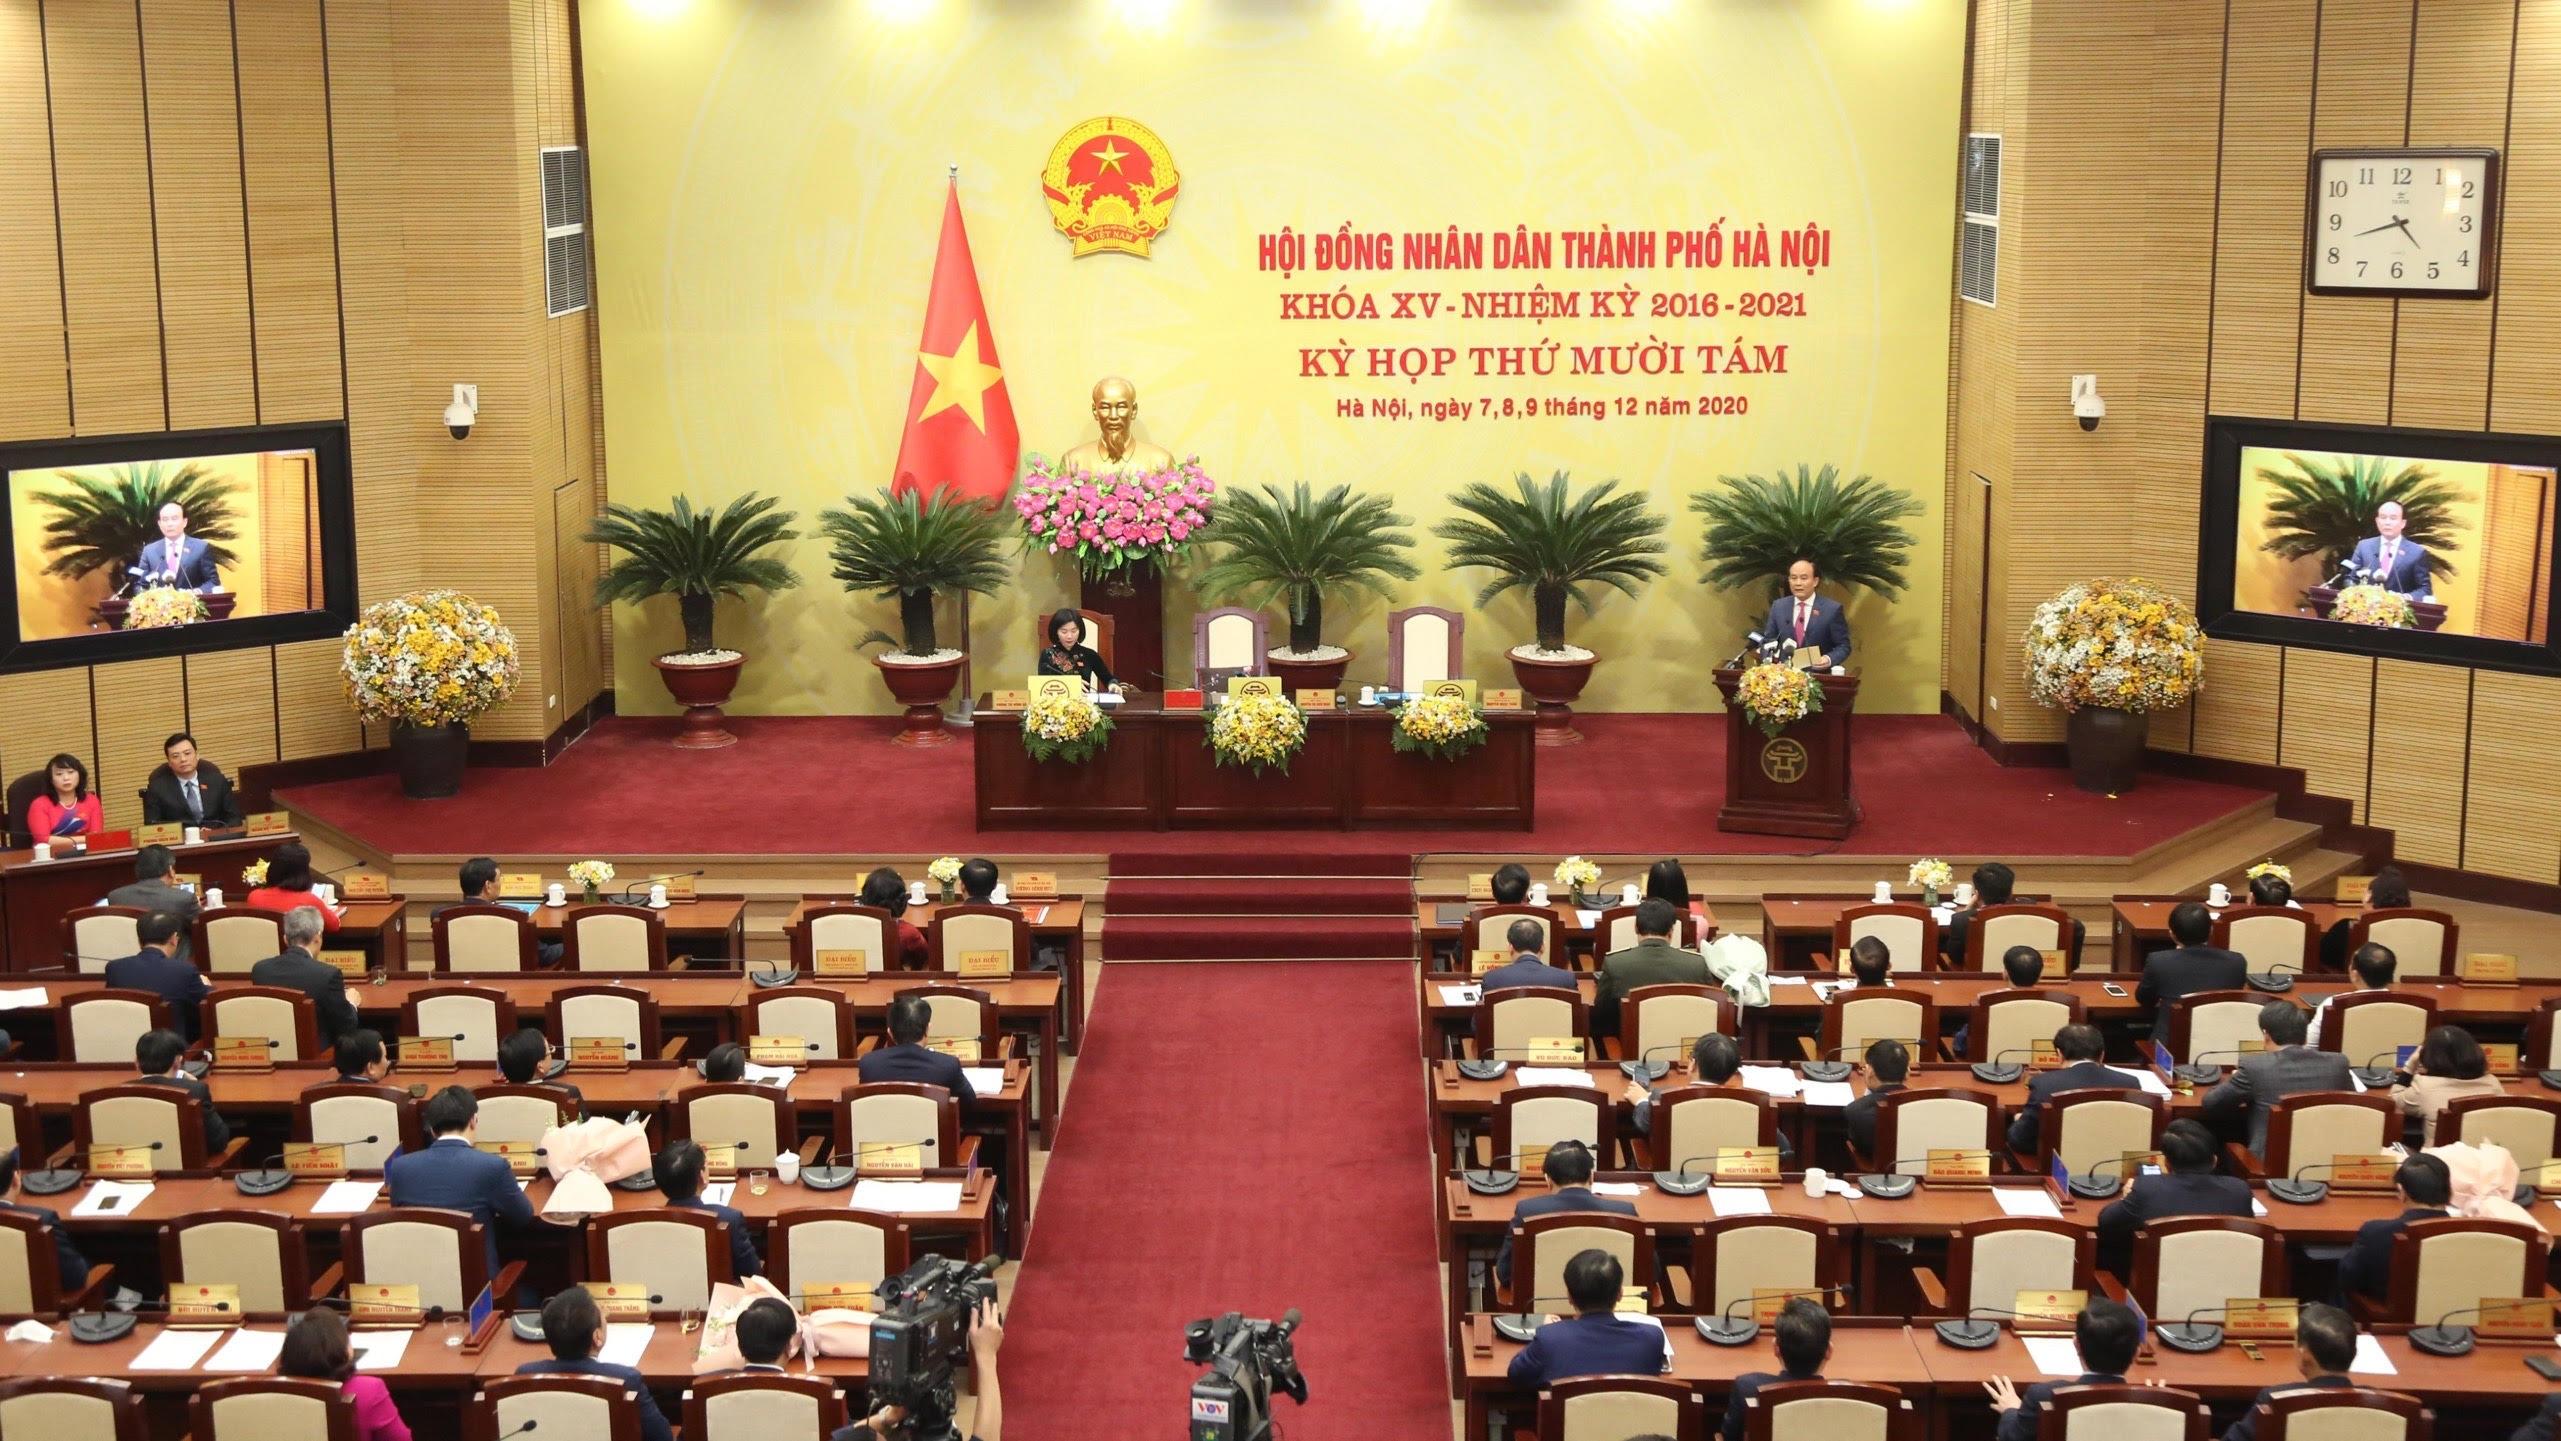 Sớm đưa nghị quyết của Hội đồng nhân dân Thành phố vào cuộc sống